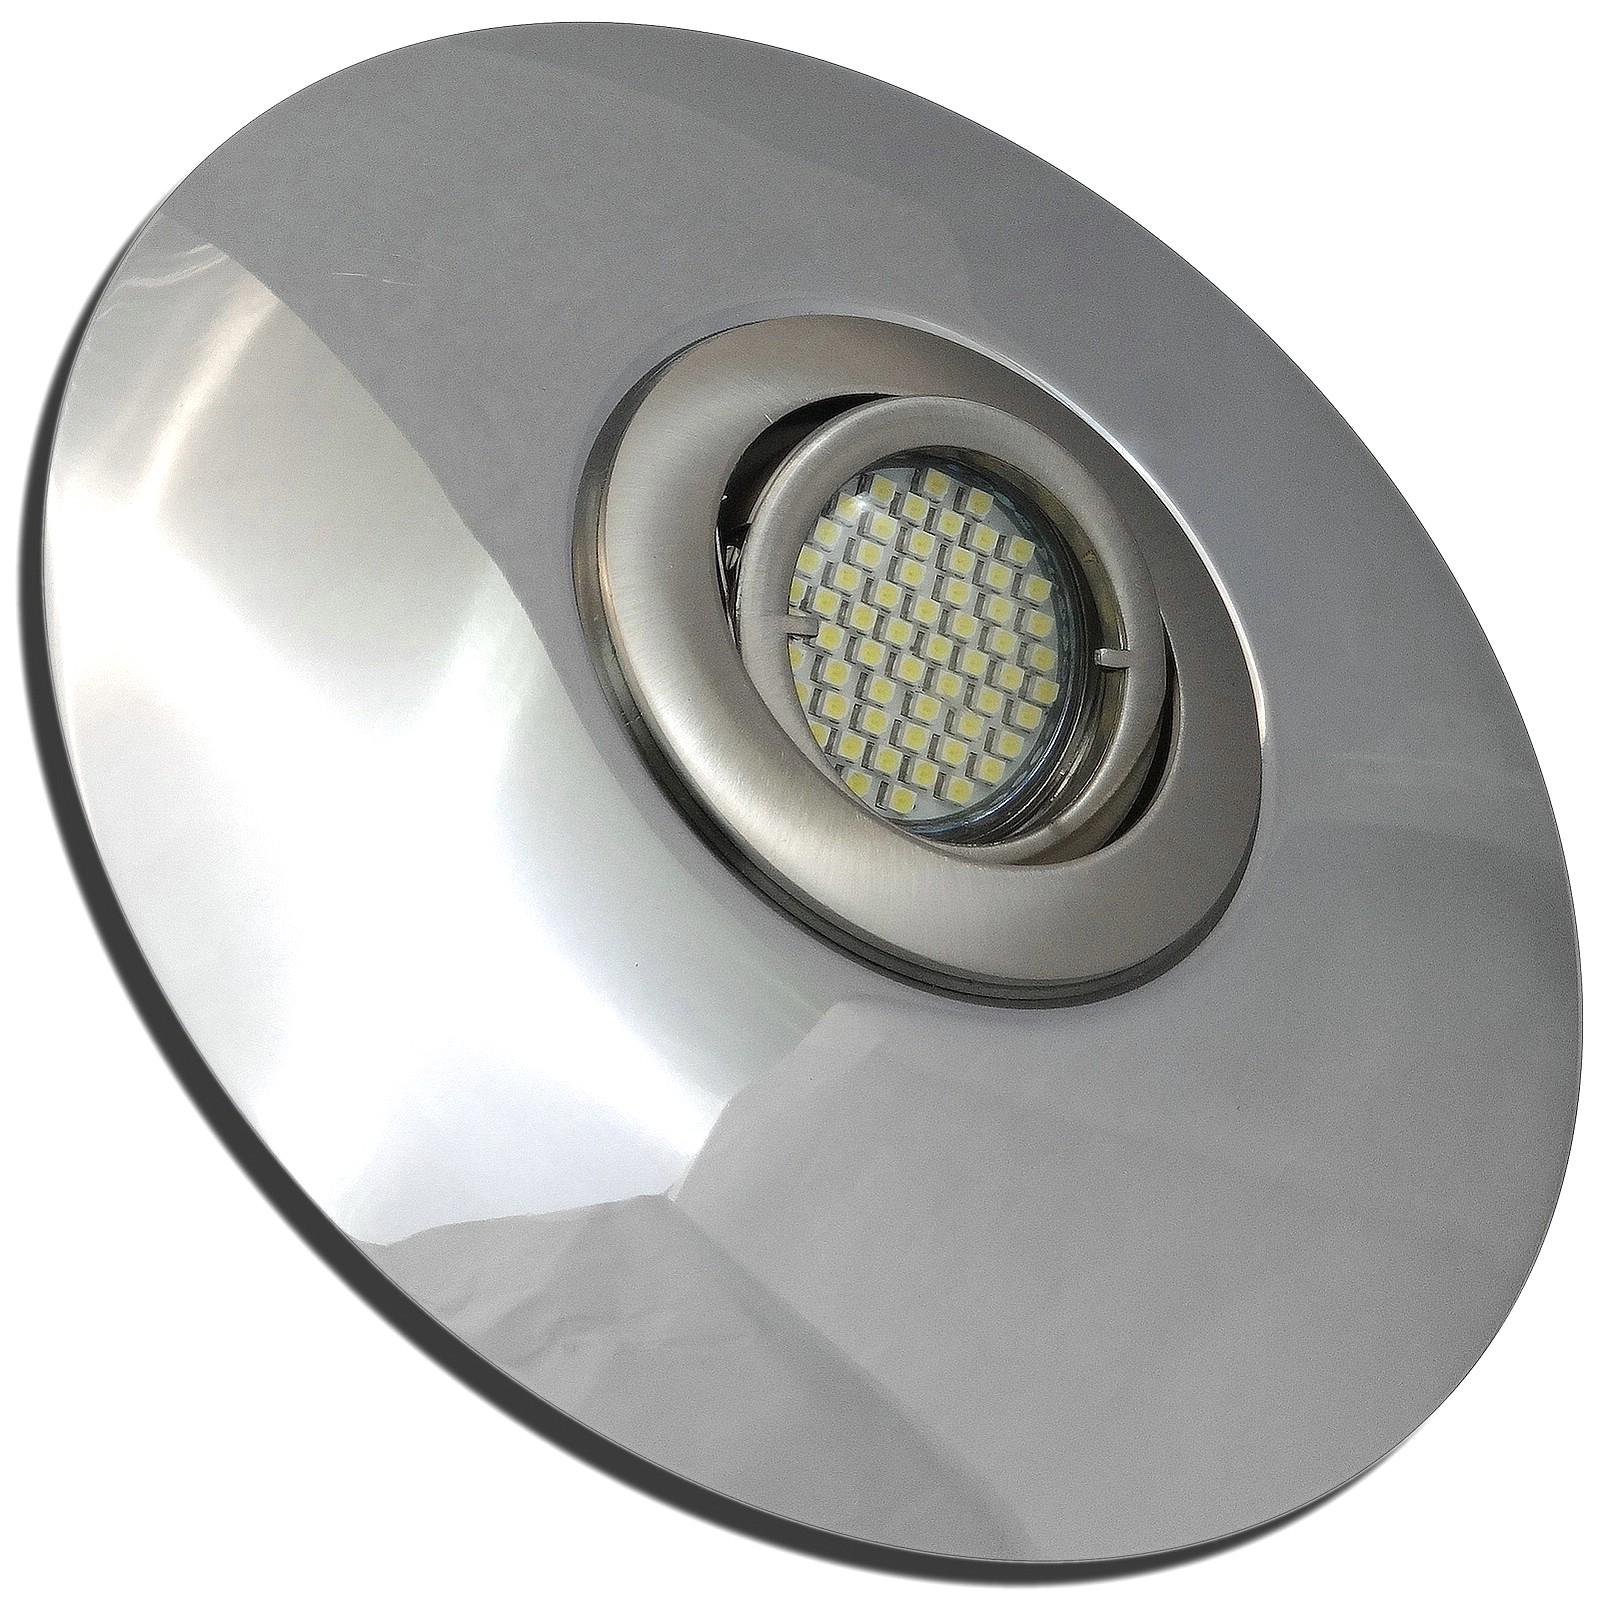 flacher led einbaustrahler lenja 12 volt 3 watt inkl led trafo lampen platz. Black Bedroom Furniture Sets. Home Design Ideas